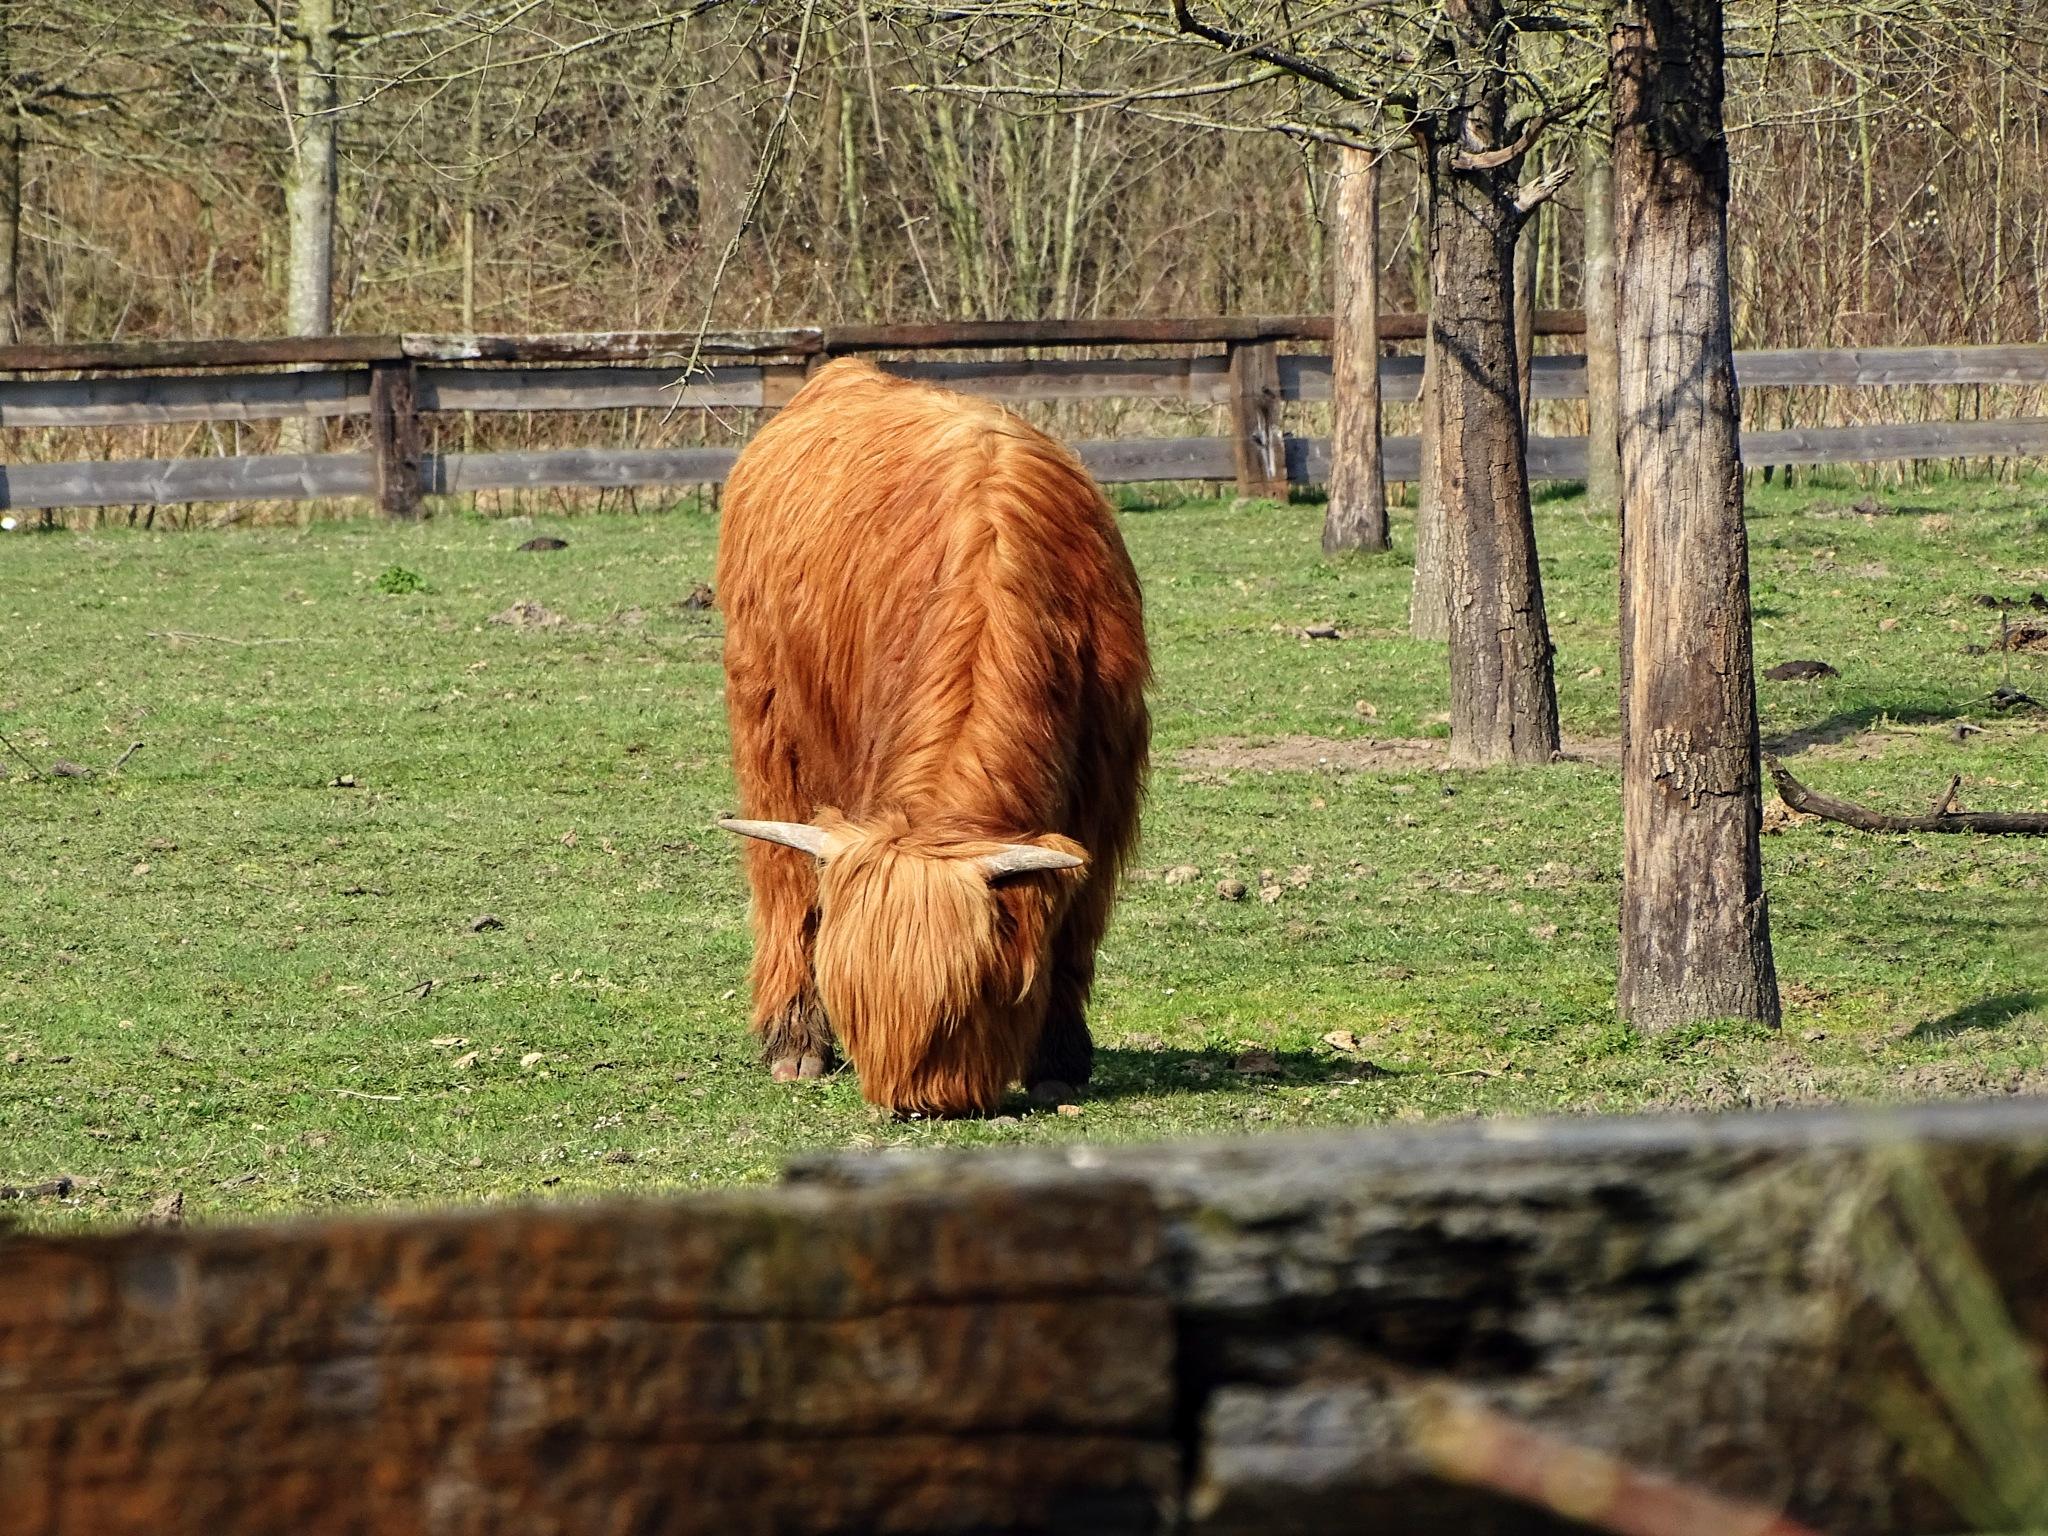 Highland cow by Mariëlla van der Lans-Schosswald